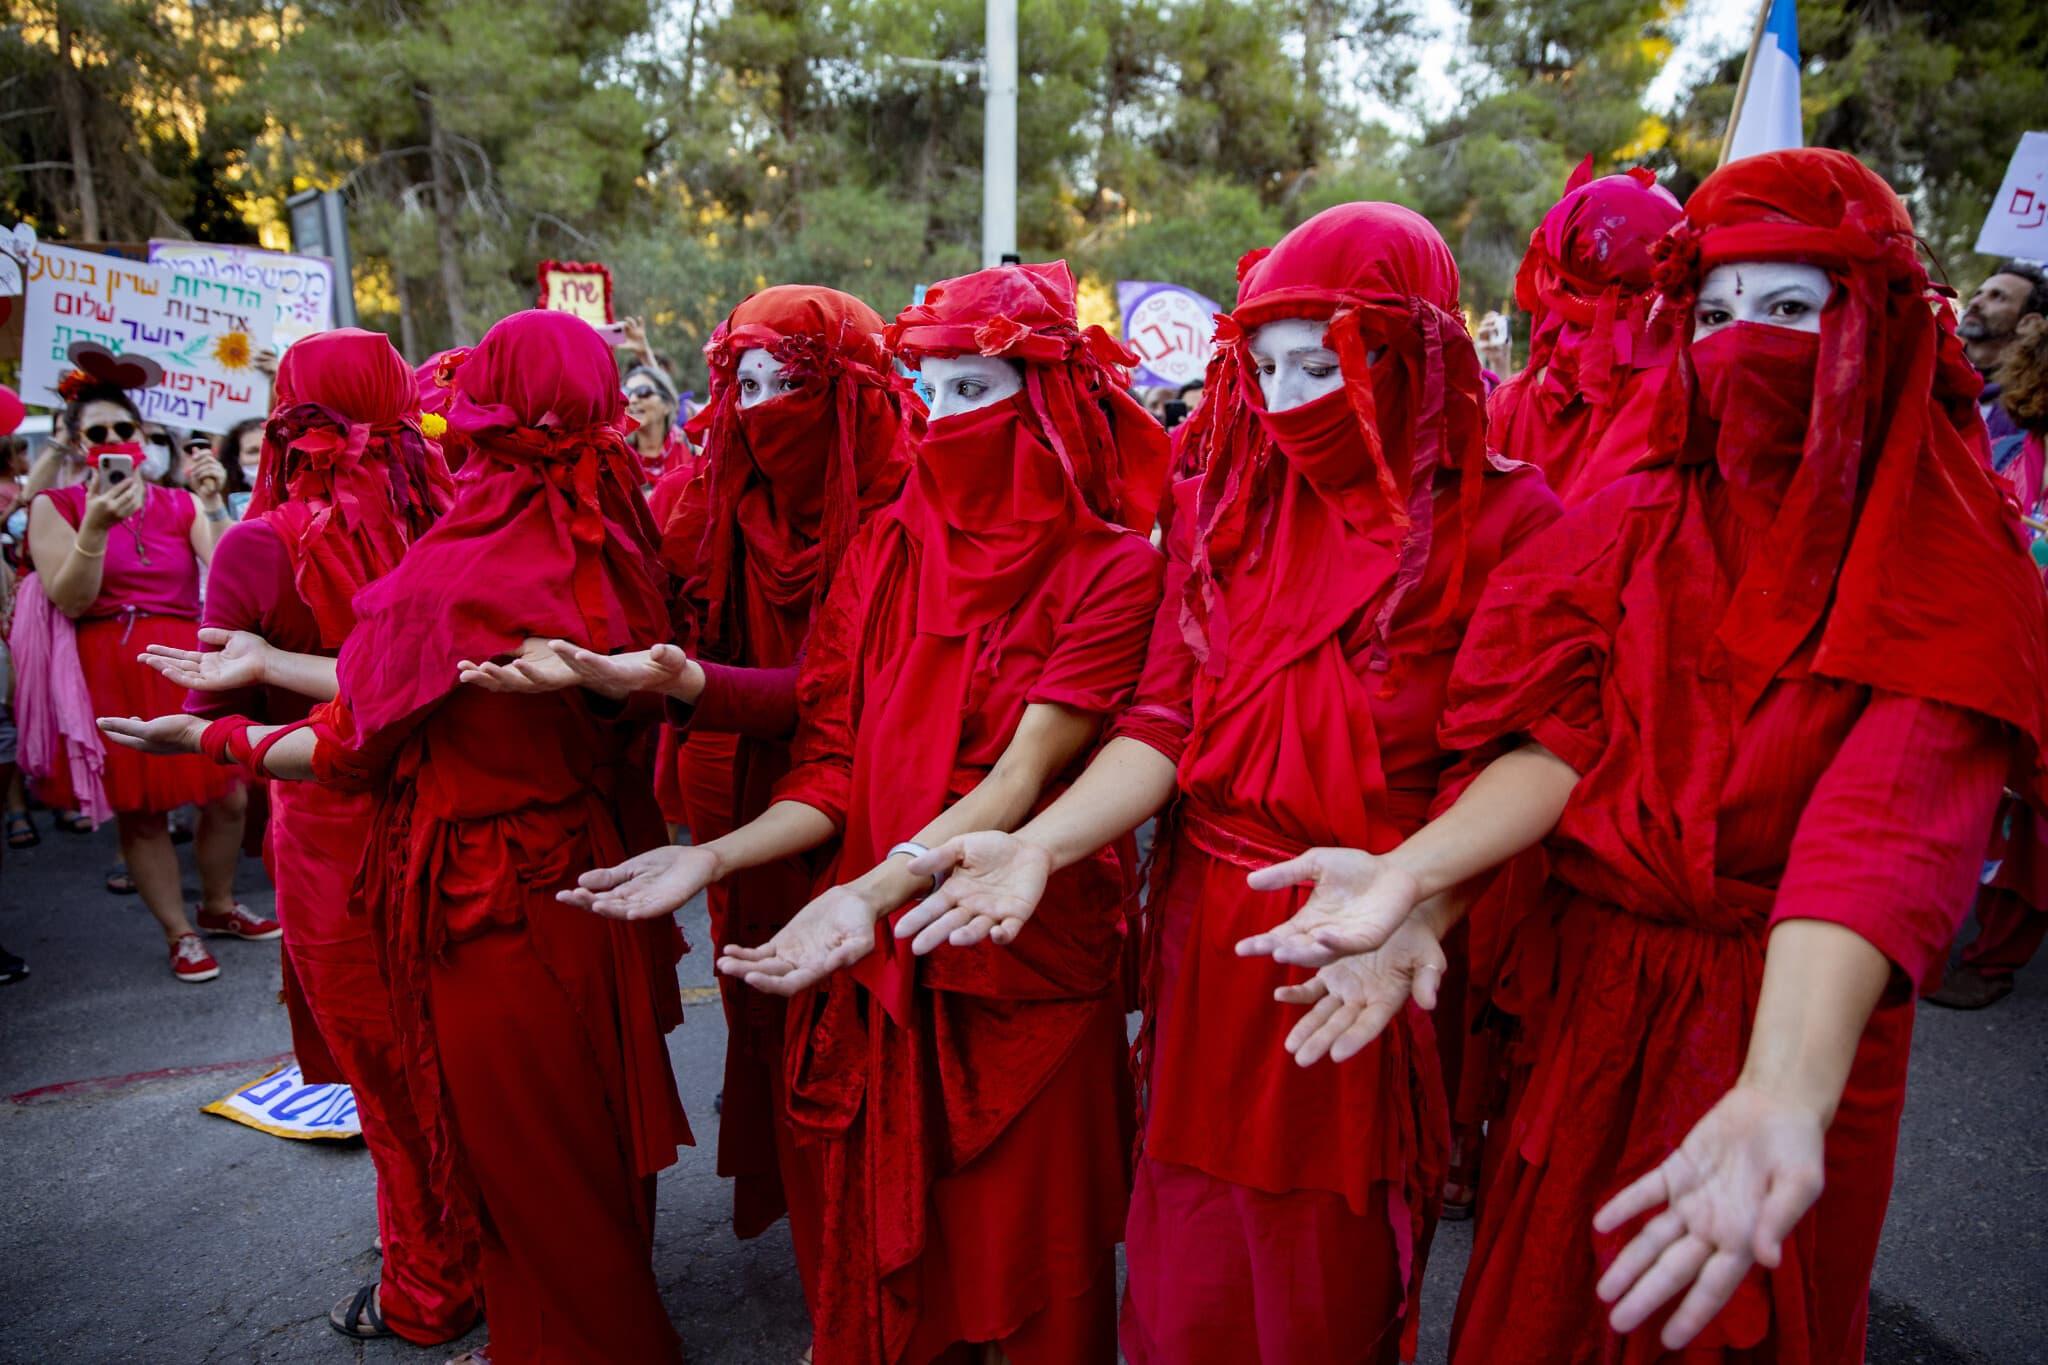 פעילים למען הסביבה מפגינים מול הכנסת, אוגוסט 2020 (צילום: Olivier Fitoussi/Flash90)